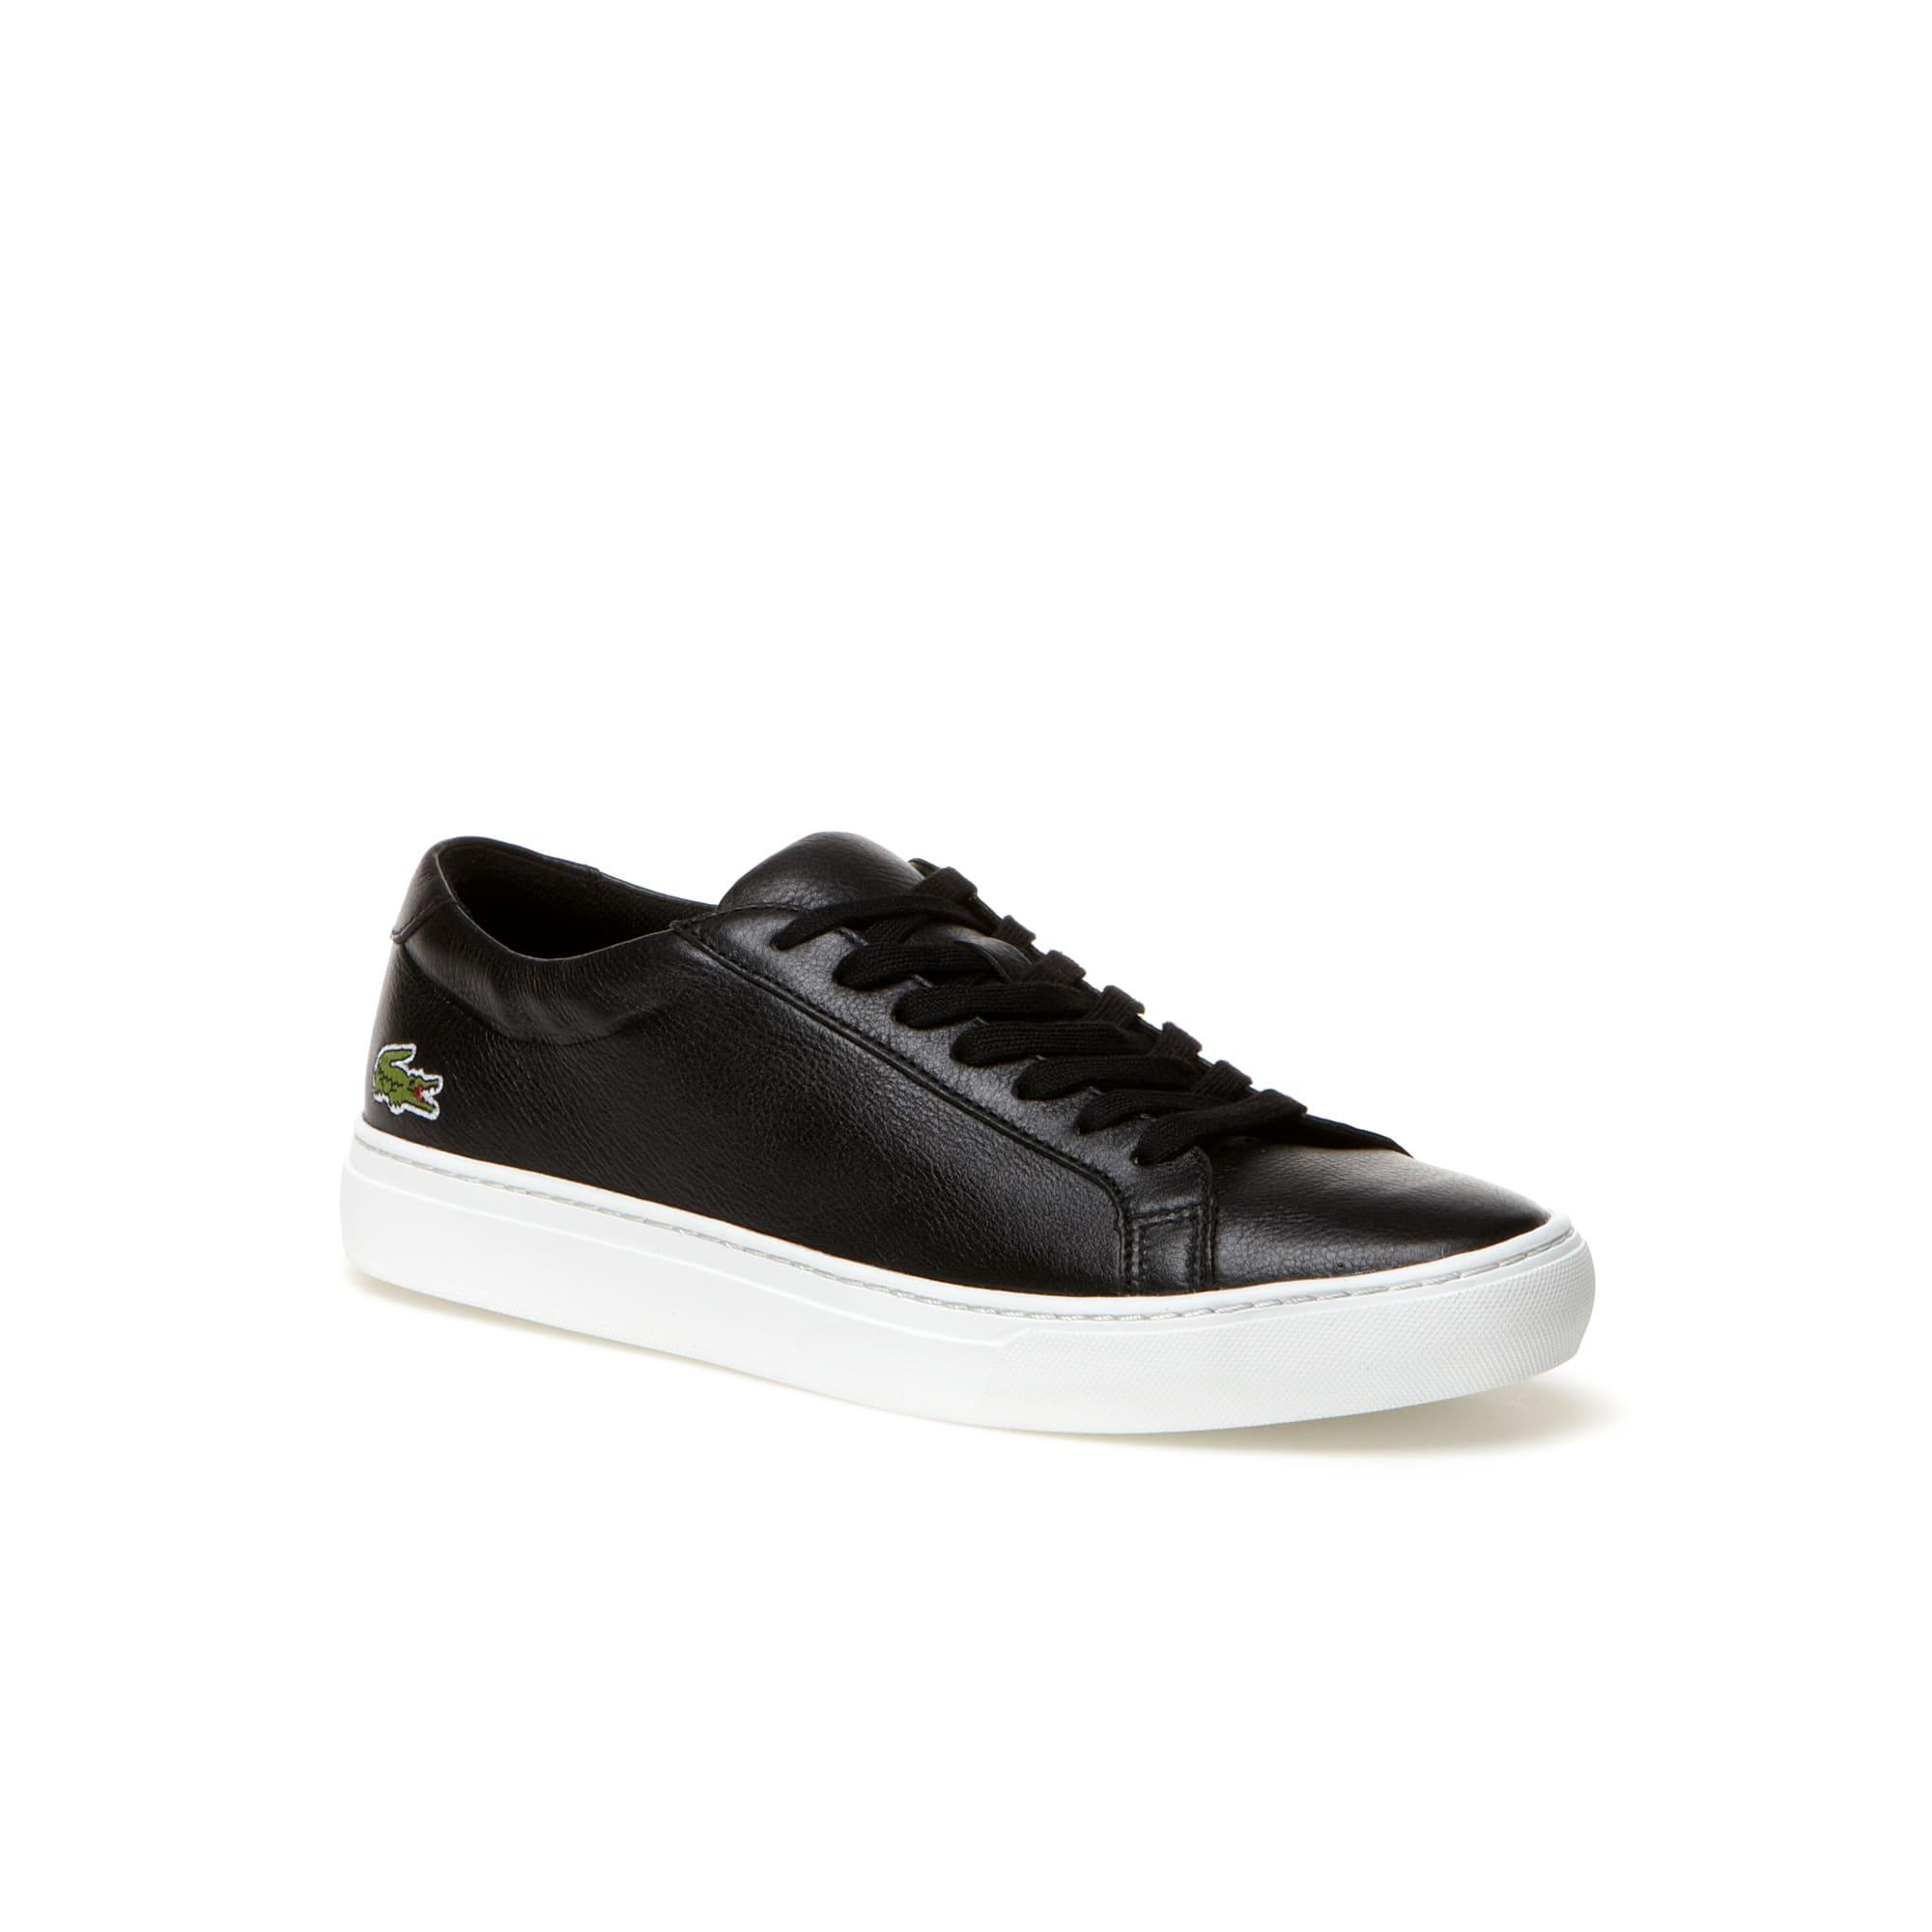 Men's L12.12 shoe in premium leather